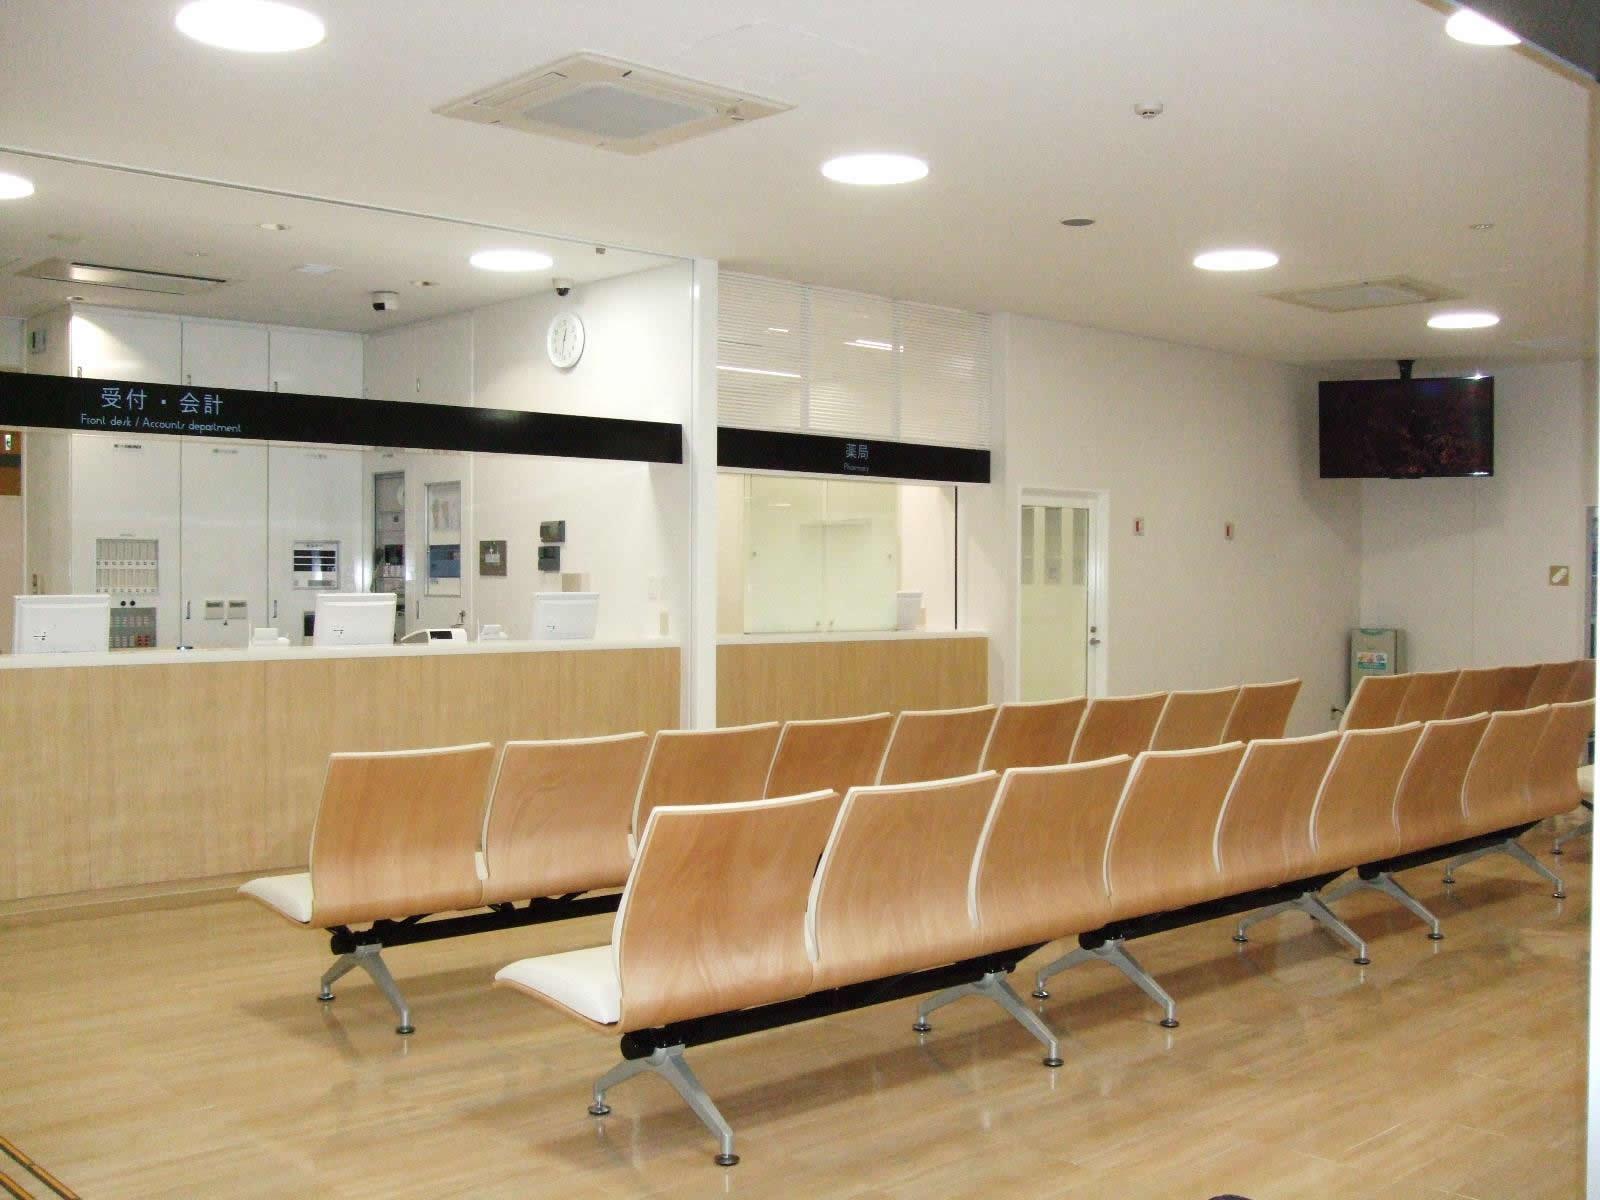 センター 救急 横須賀 市 医療